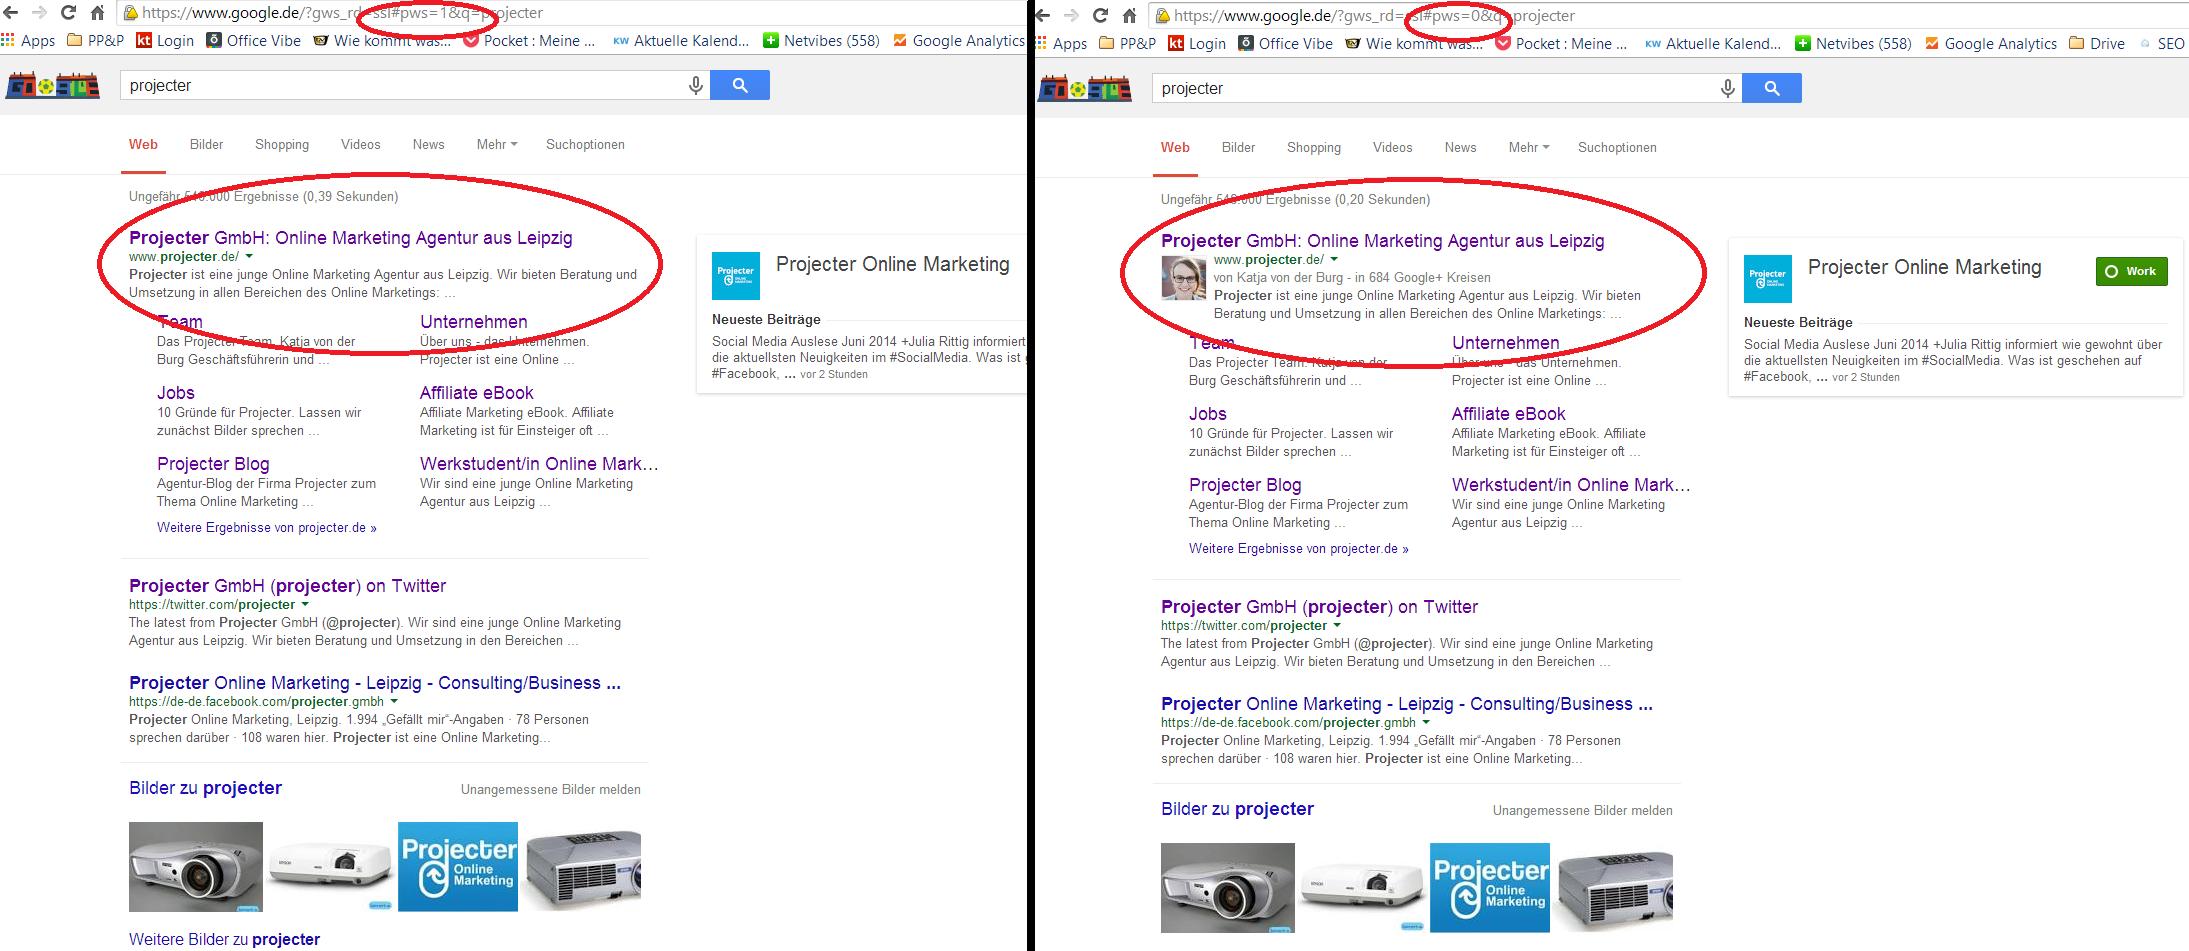 Links: Suchergebnis ohne unterdrückte personalisierte Suche, Rechts: Suchergebnis mit unterdrückter personalisierter Suche